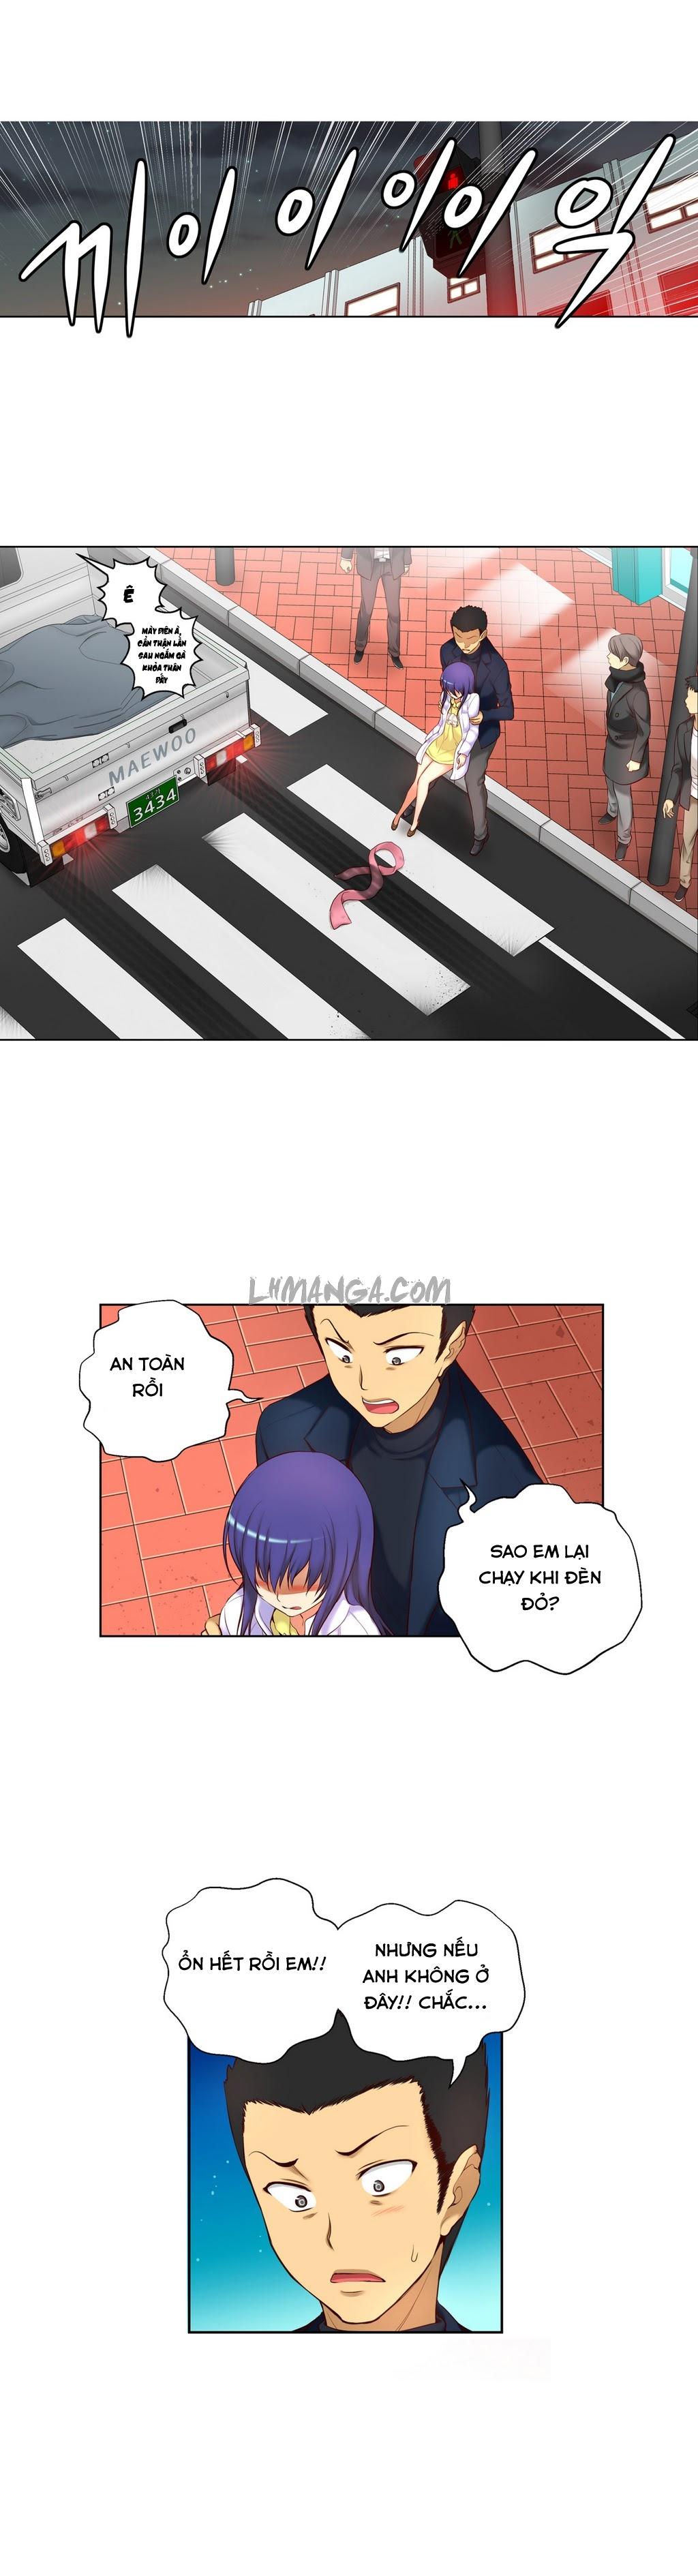 Hình ảnh HINH_00016 in [Siêu phẩm Hentai] Little Girl Full